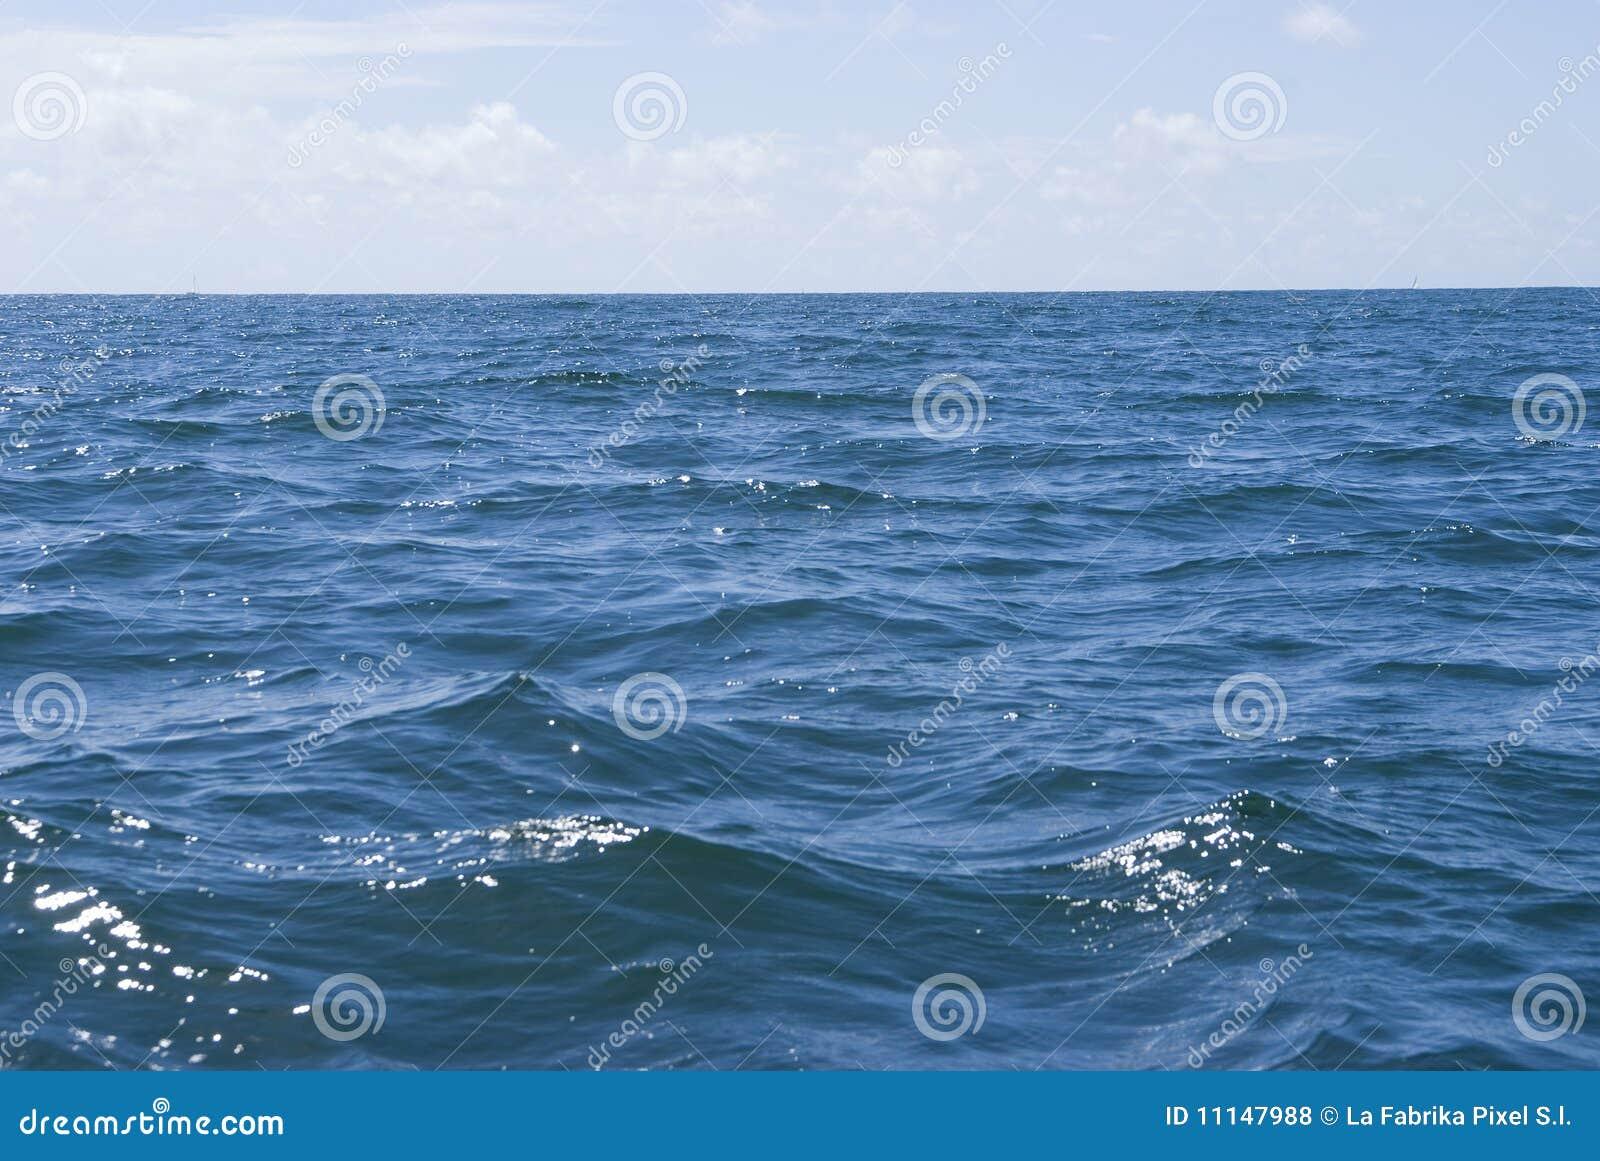 Tiefer blauer Ozean